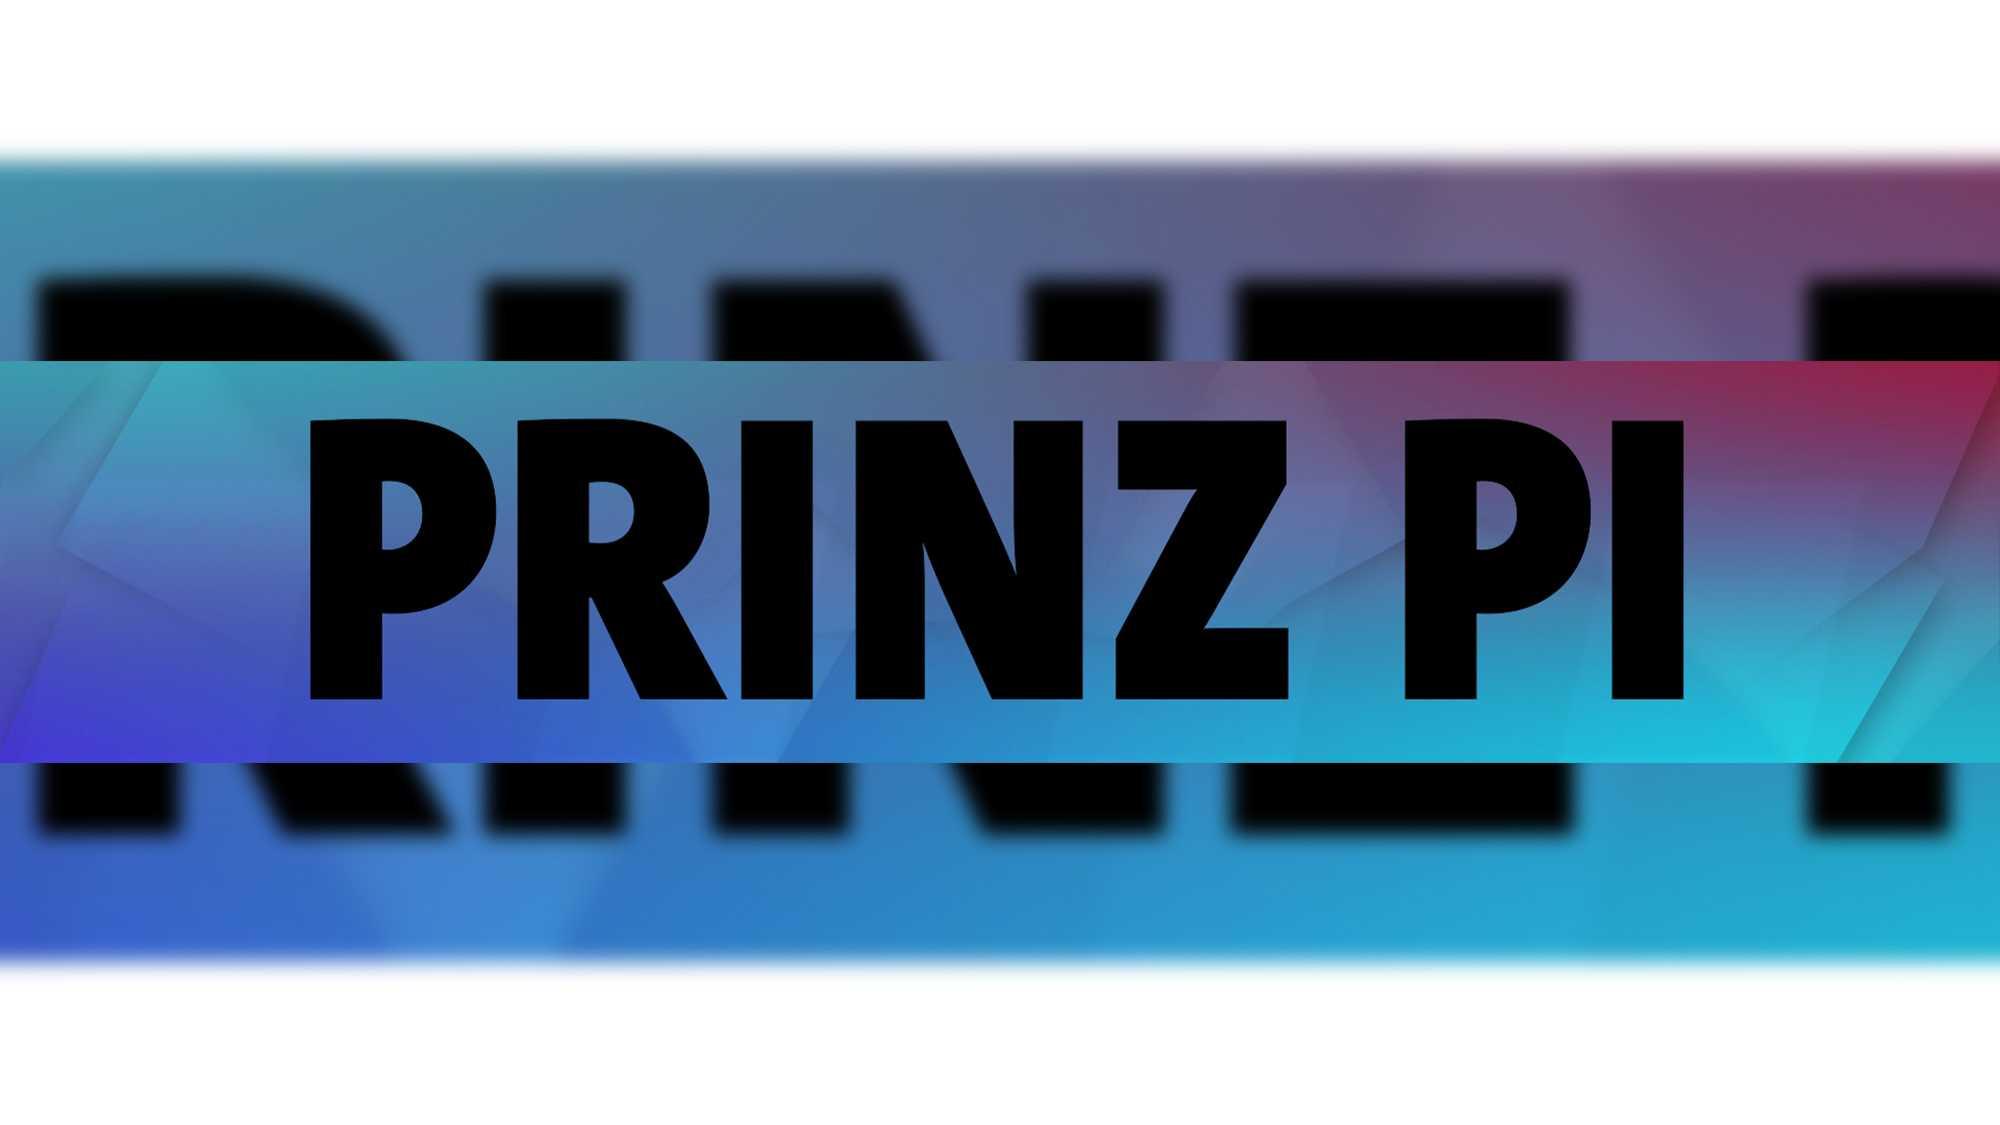 Das Bild zeigt einen Banner auf dem in schwarzer Schrift Prinz PI steht. Das Wort ist mit einer schwarzen, gestrichelten Linie umrahmt. Der Banner liegt auf einem weißen Hintergrund. Die Farbe des Banners ist blau, rot, lila. Das Bild dient als Sliderbild für den Portfolioeintrag GEMA – Deutscher Musikautorenpreis von Panda Pictures.